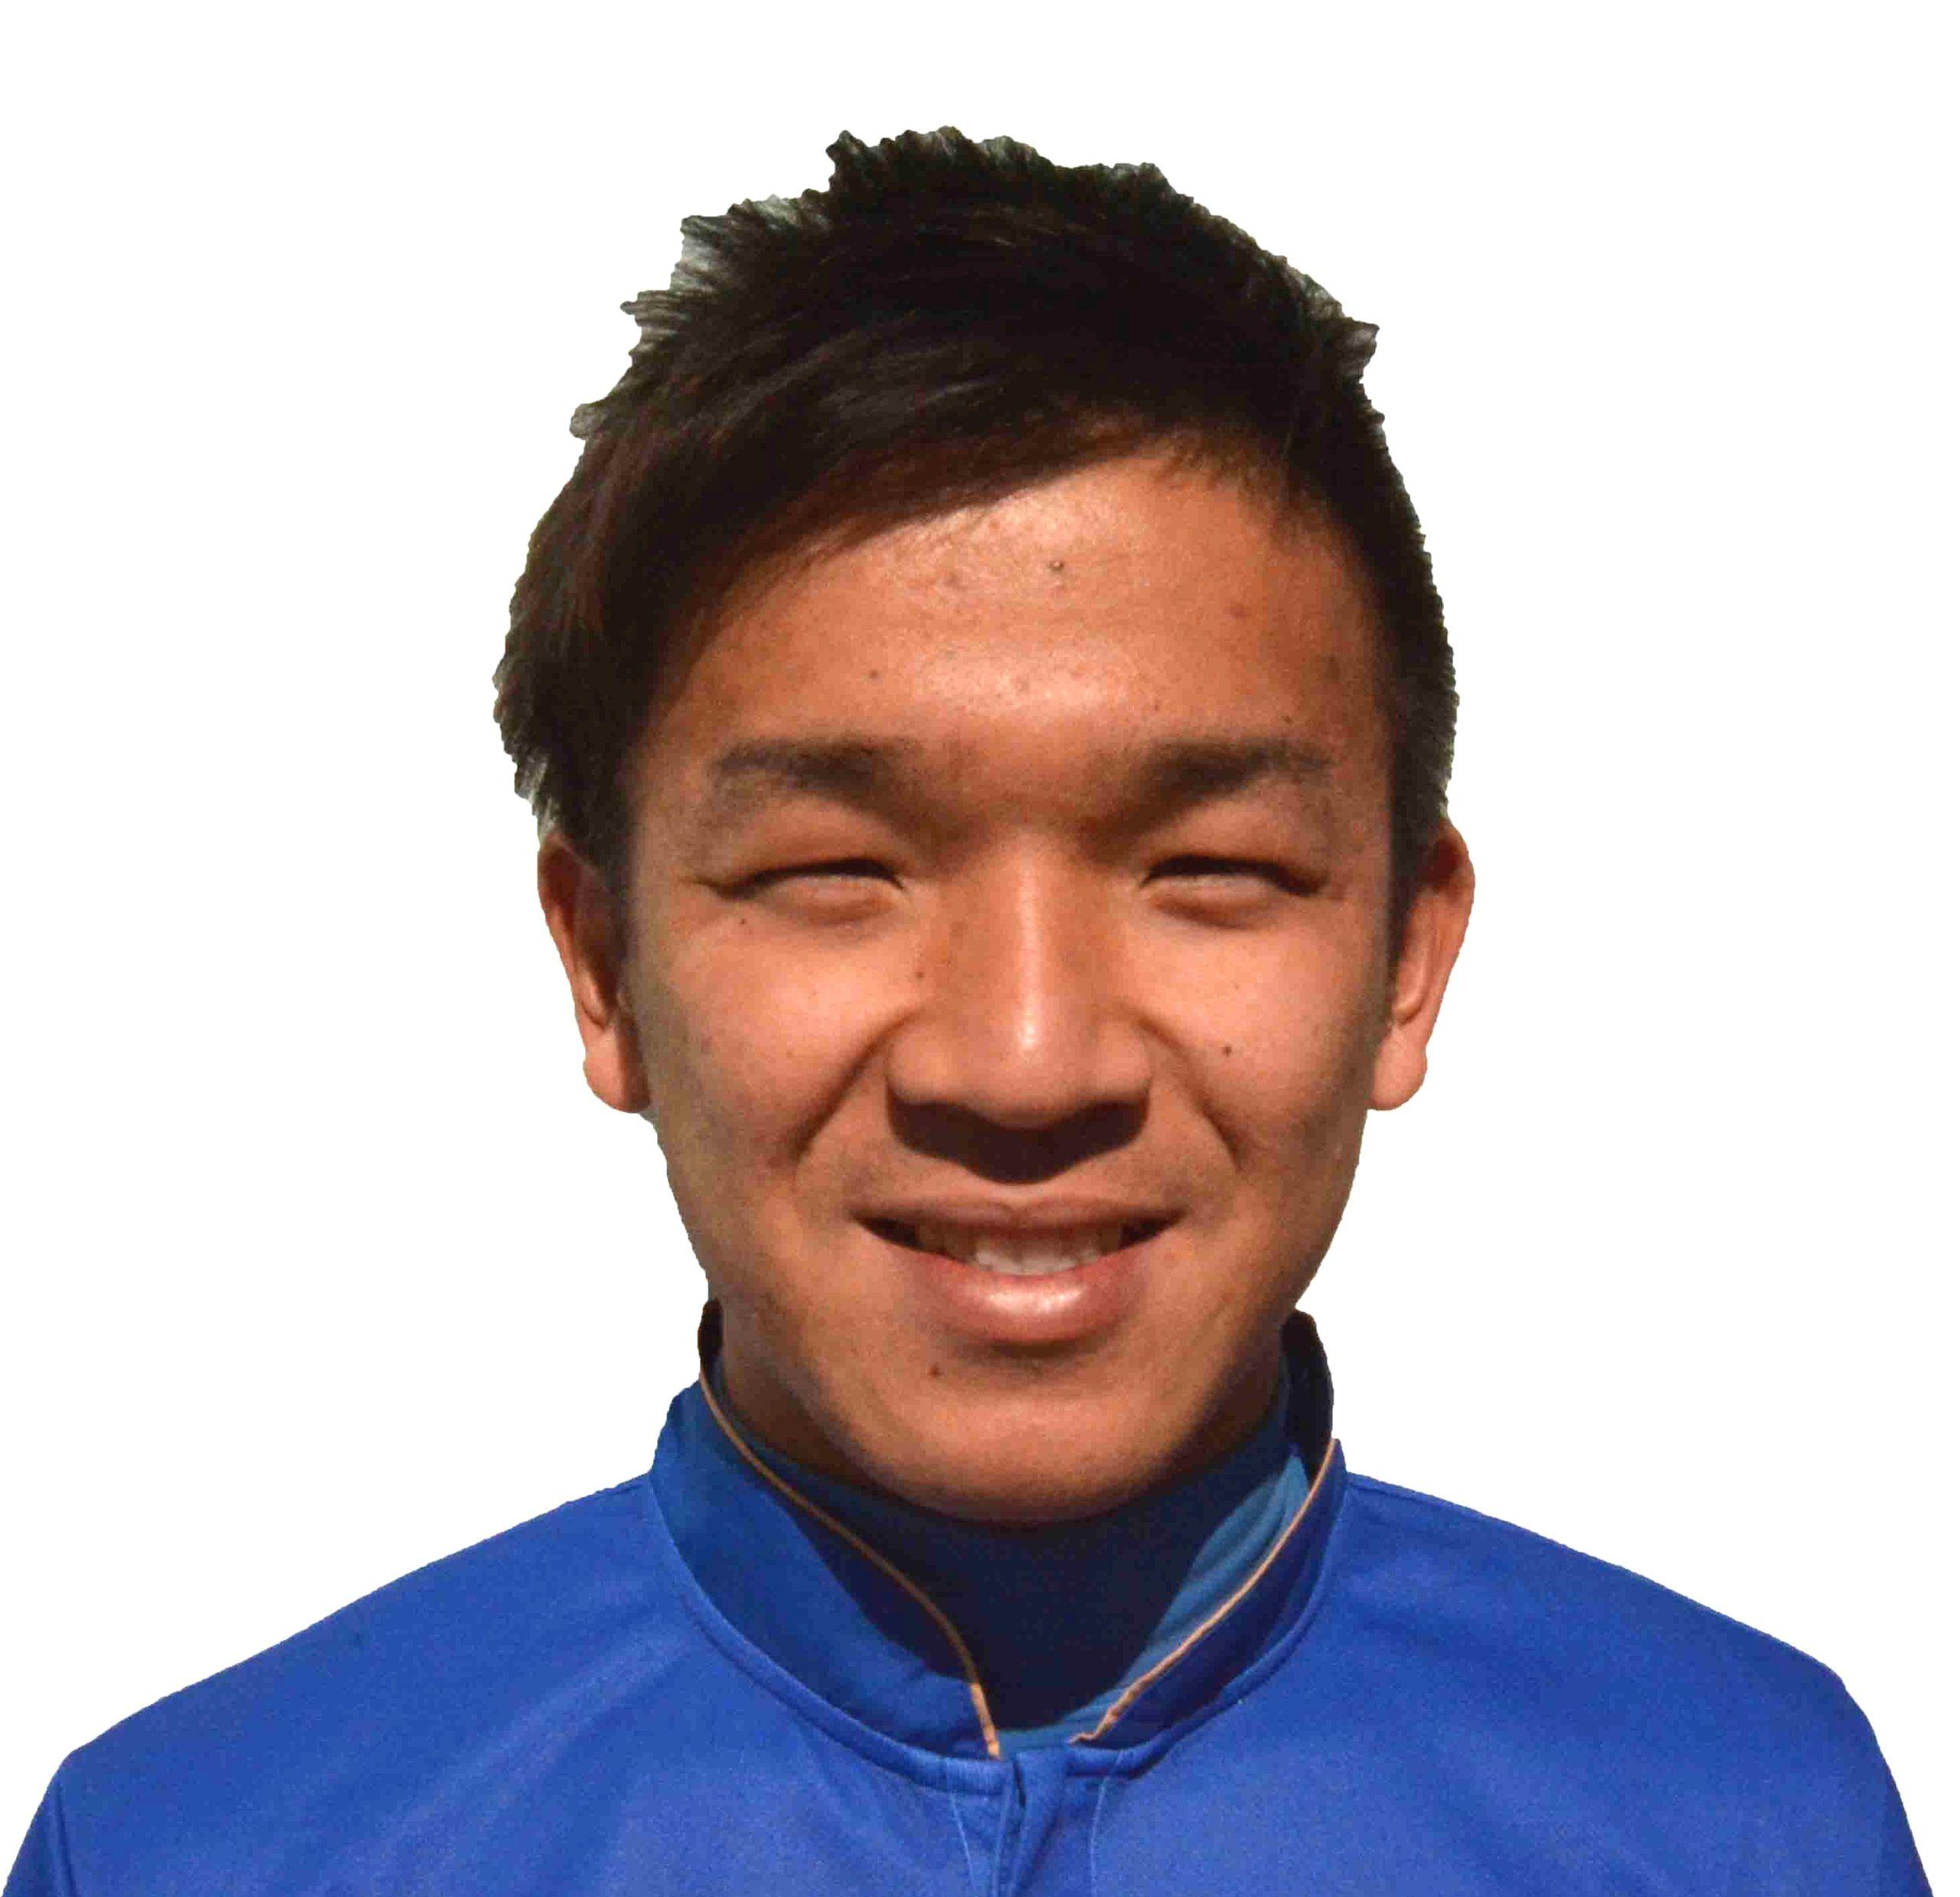 菊本侑希選手(レノファ山口FC)加入のお知らせ